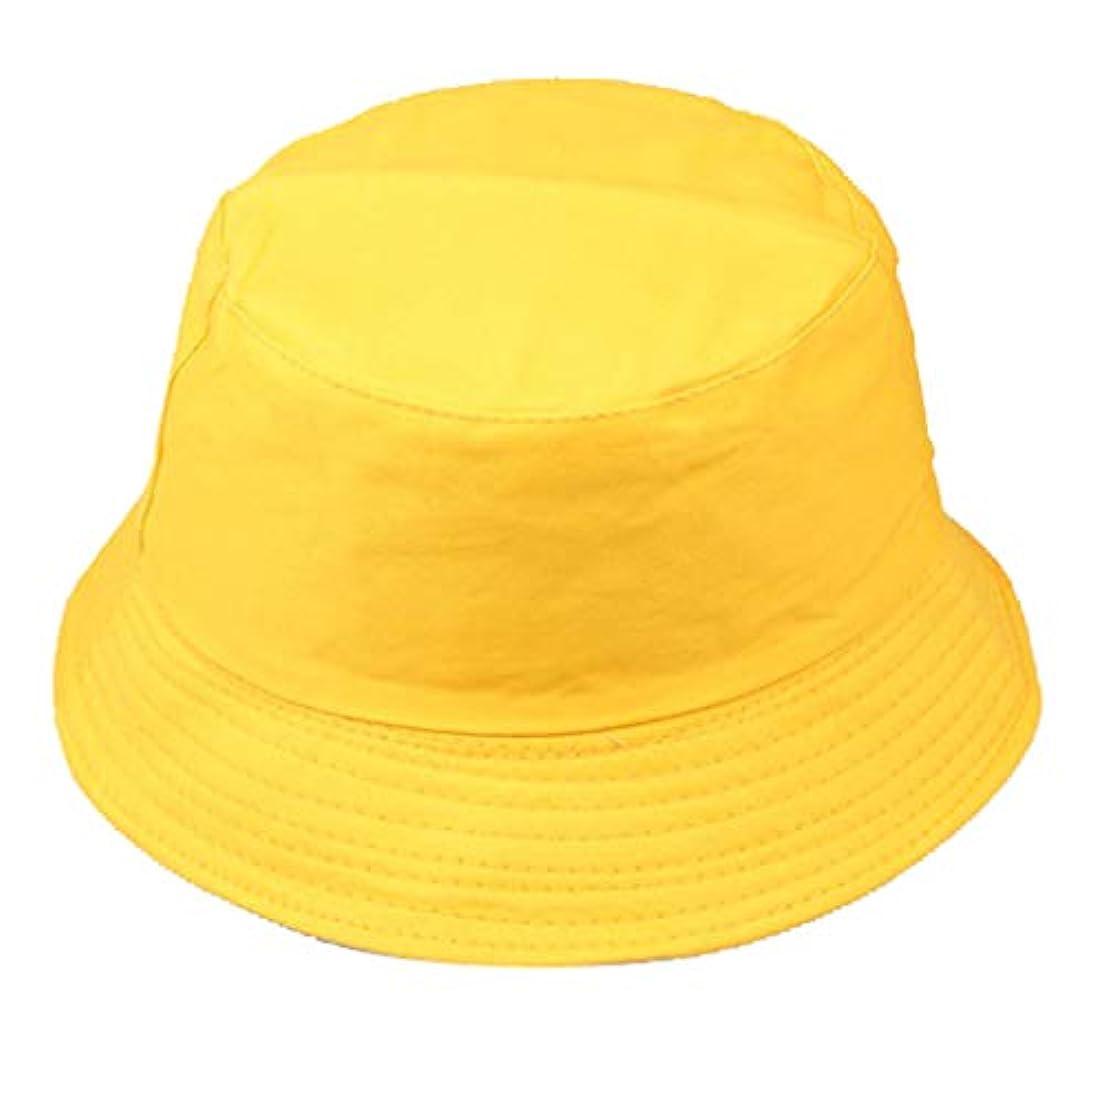 表面教育学下手帽子 レディース 漁師帽 つば広 UVカット 熱中症 夏 海 紫外線 日除け レディース 帽子 キャップ ハット レディース 漁師の帽子 小顔効果抜群 アウトドア 紫外線対策 日焼け対策 ハット 調整テープ ROSE ROMAN